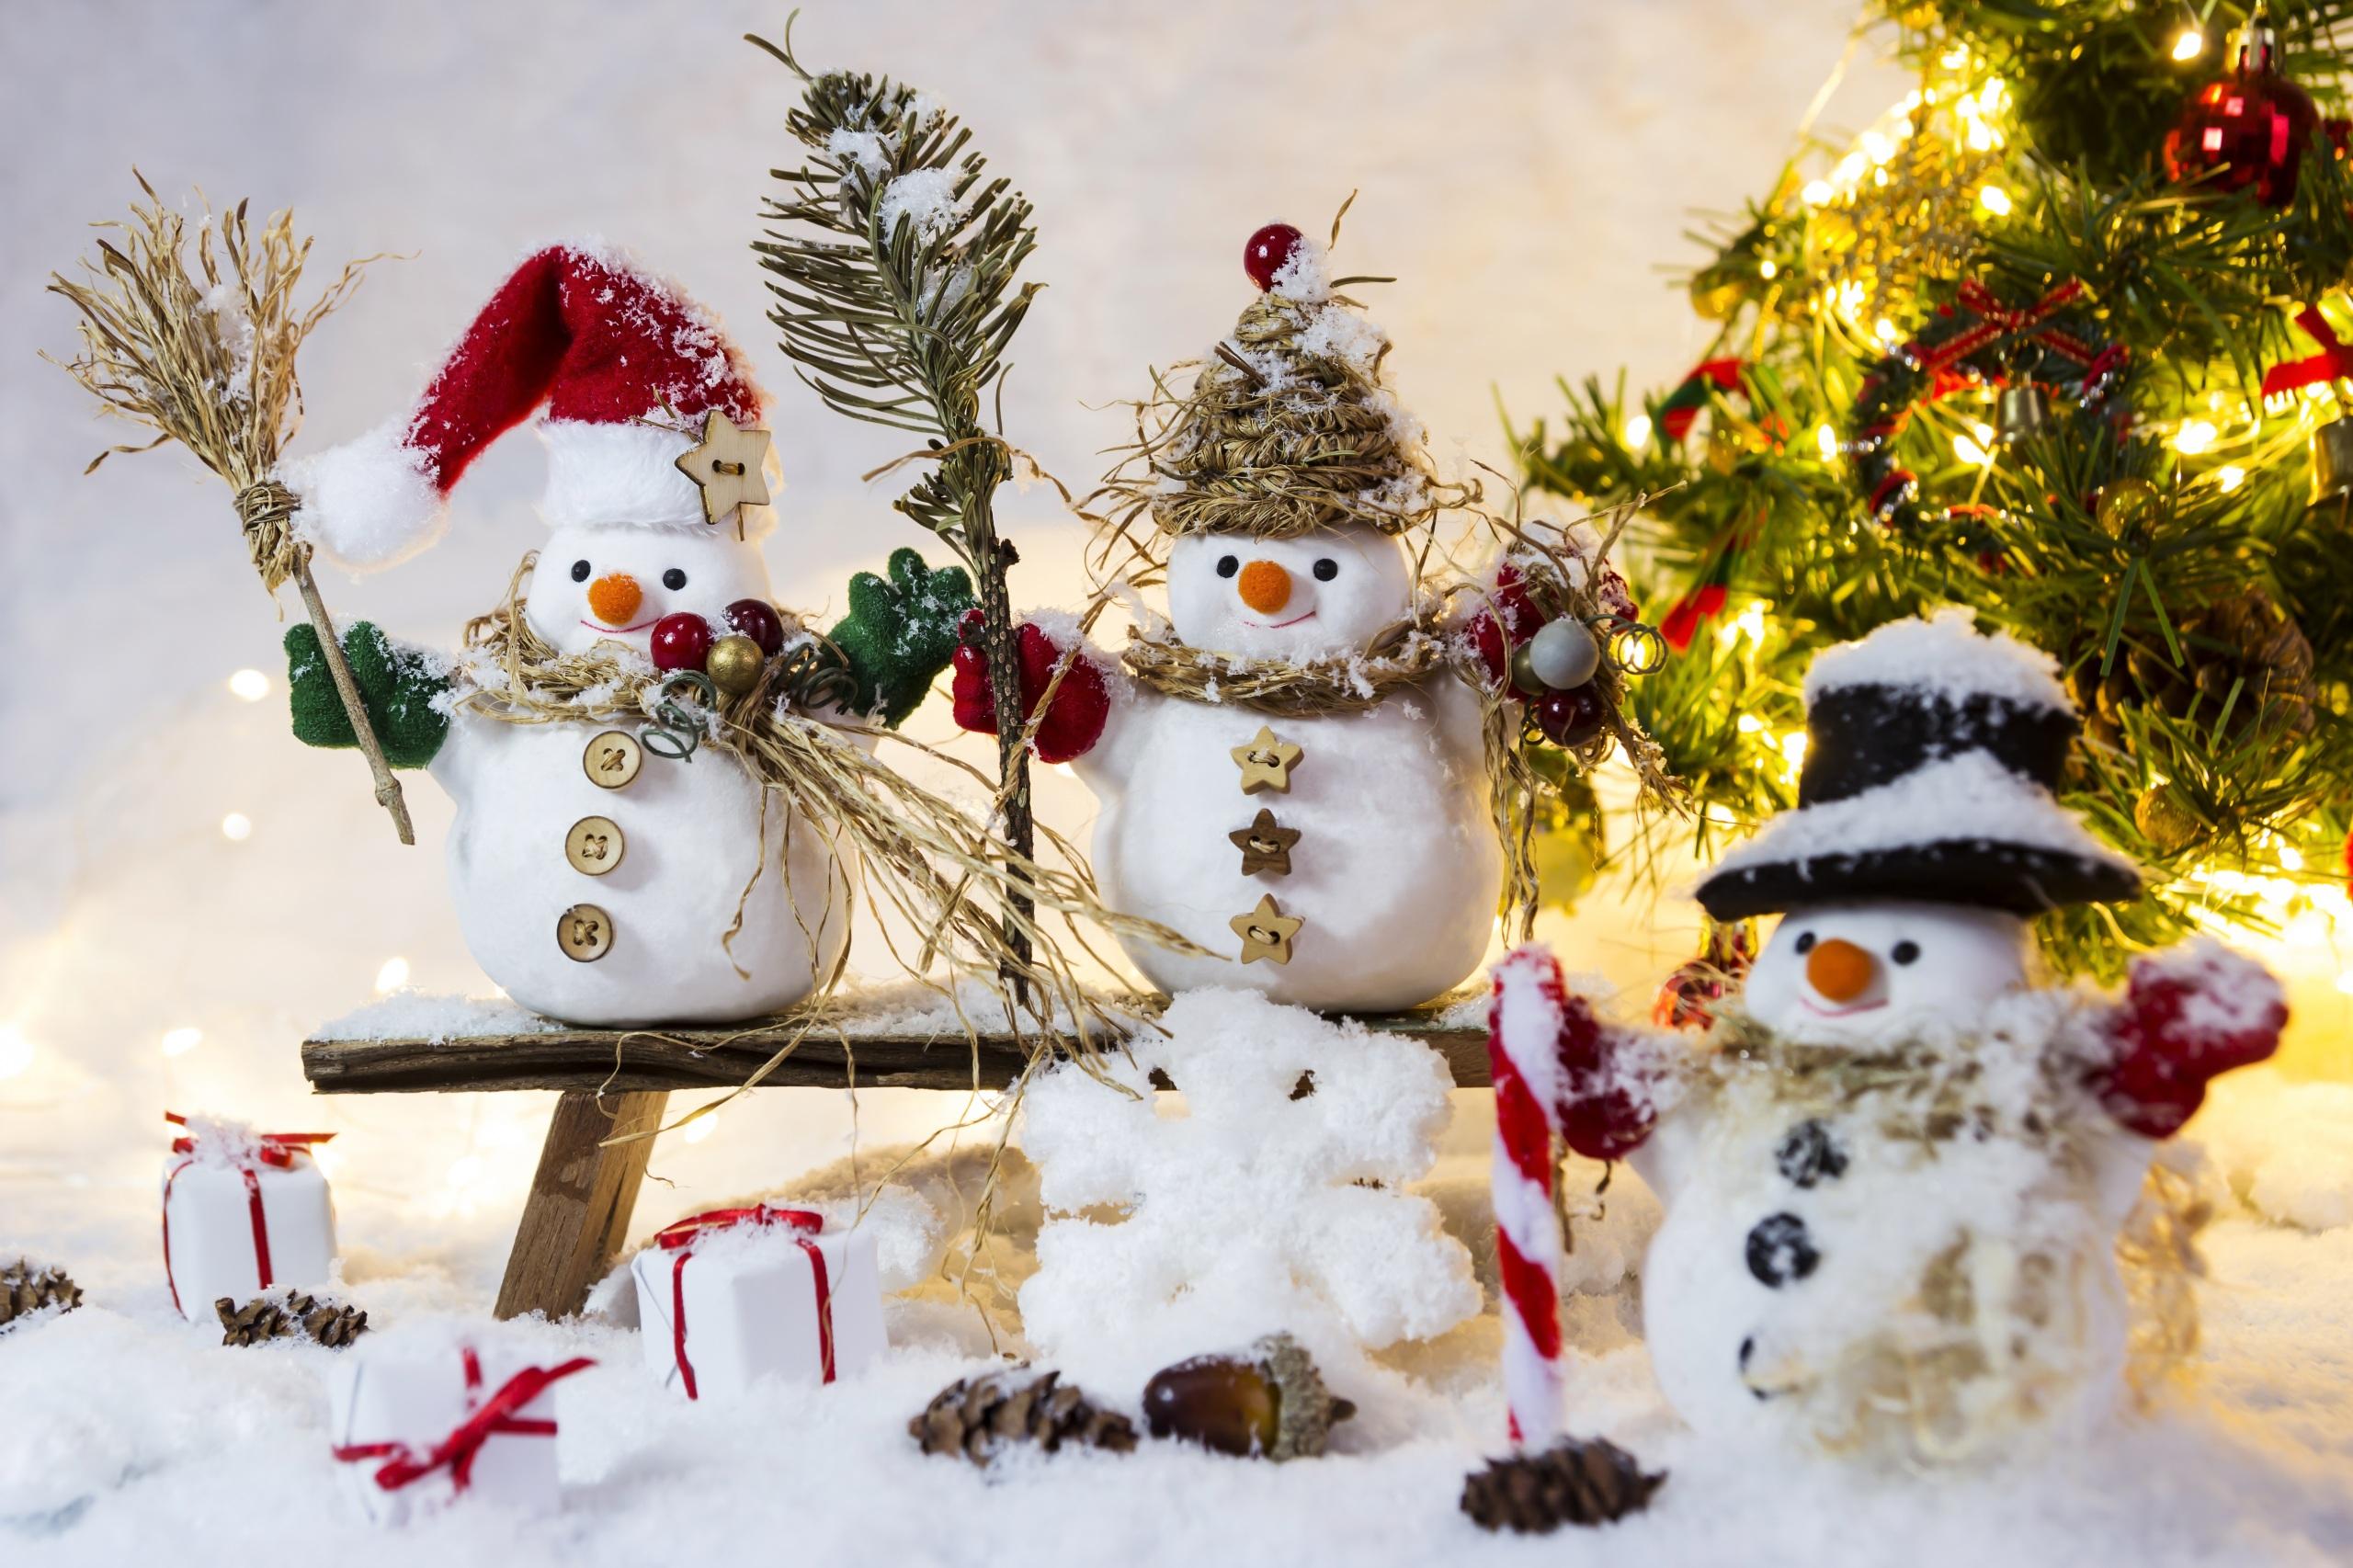 Обои для рабочего стола Шапки Снежинки снеге снеговика Трое 3 Скамейка 2560x1706 шапка в шапке снежинка Снег снегу снега снеговик Снеговики три втроем Скамья